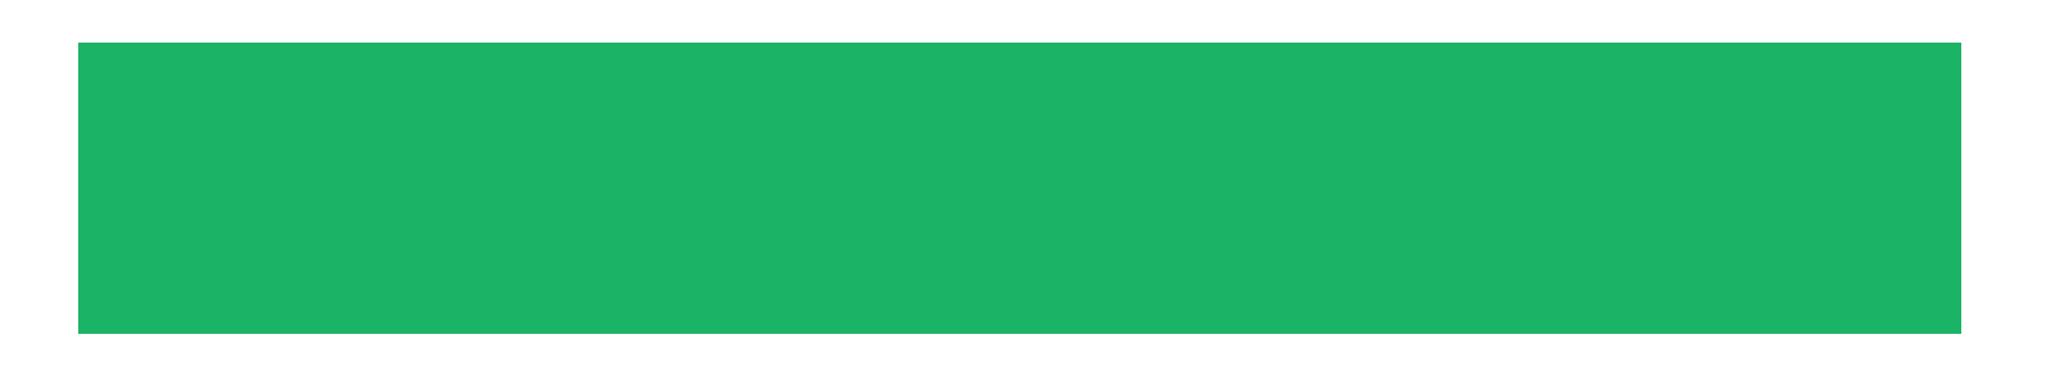 Logo_B2TGame_vertfondtransparent_horizontal